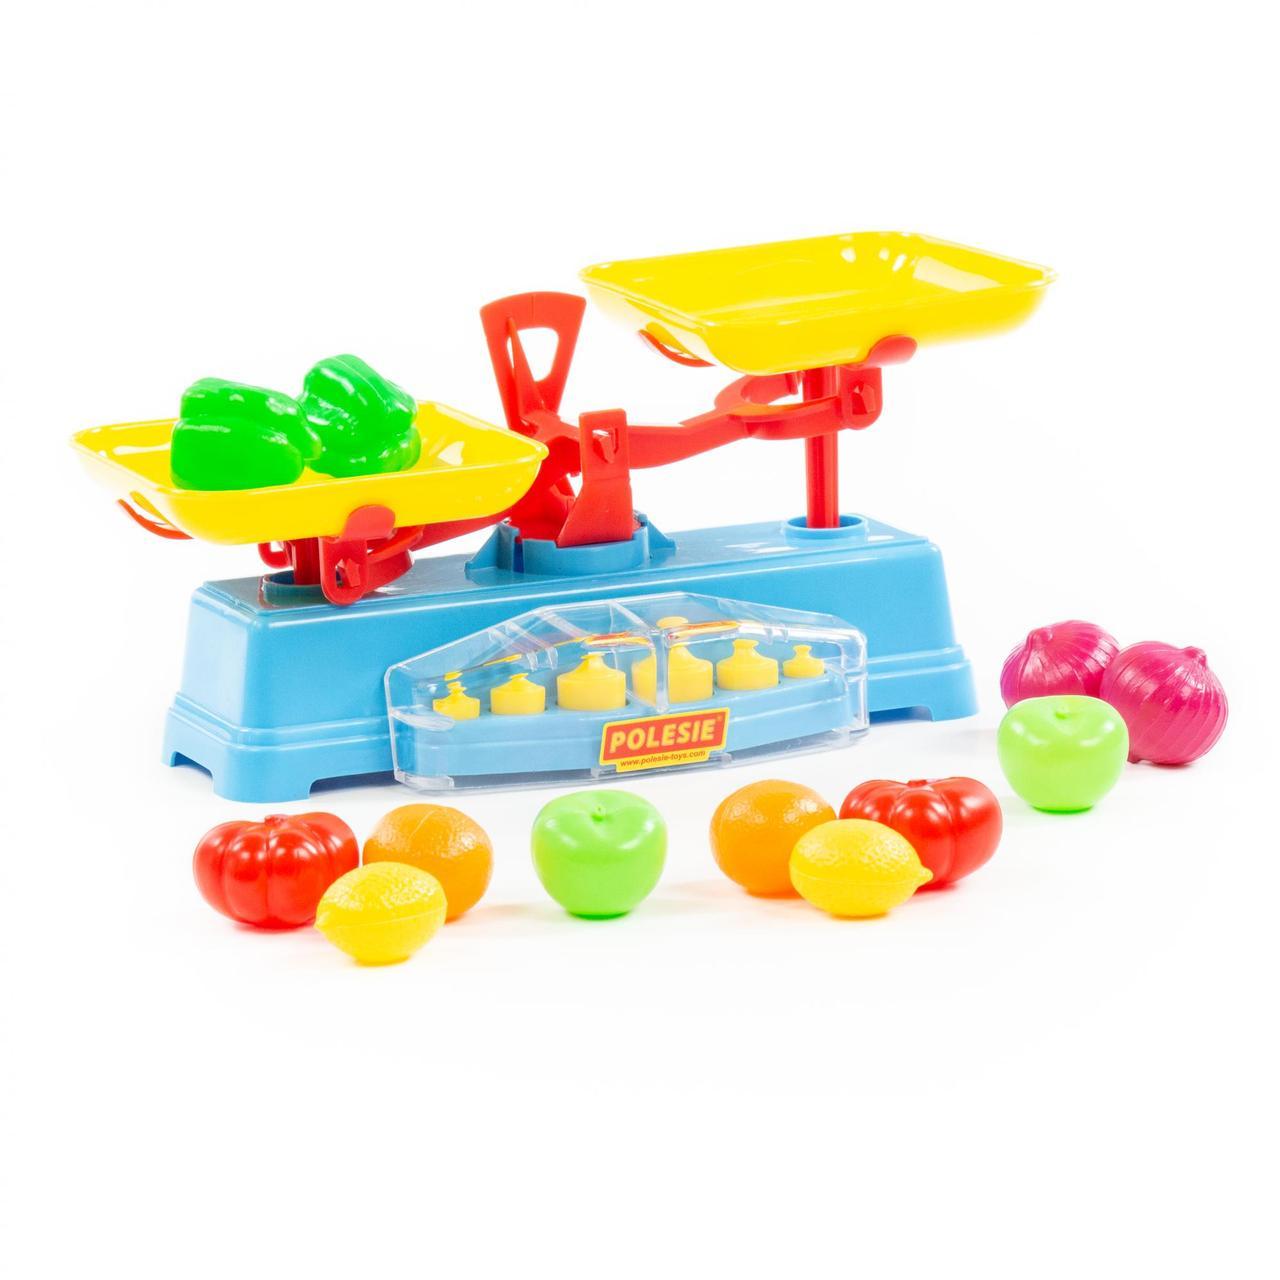 Игровой набор - Весы и комплект продуктов - фото 4